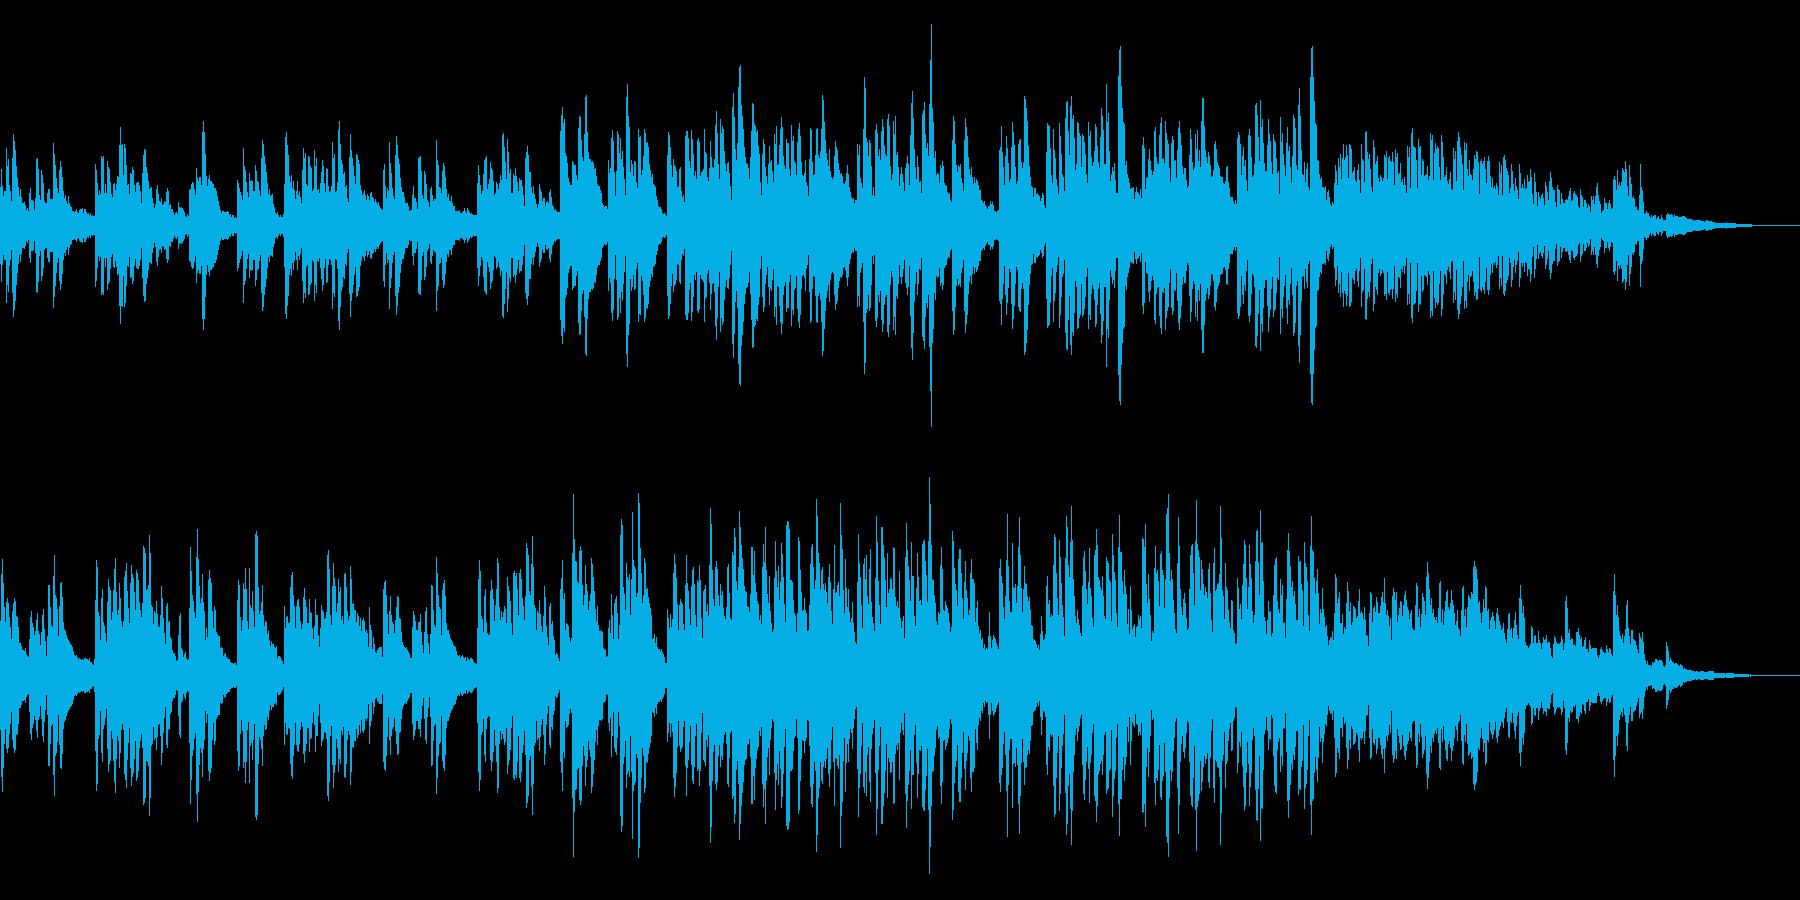 美しいピアノとシンセサイザーの旋律の再生済みの波形